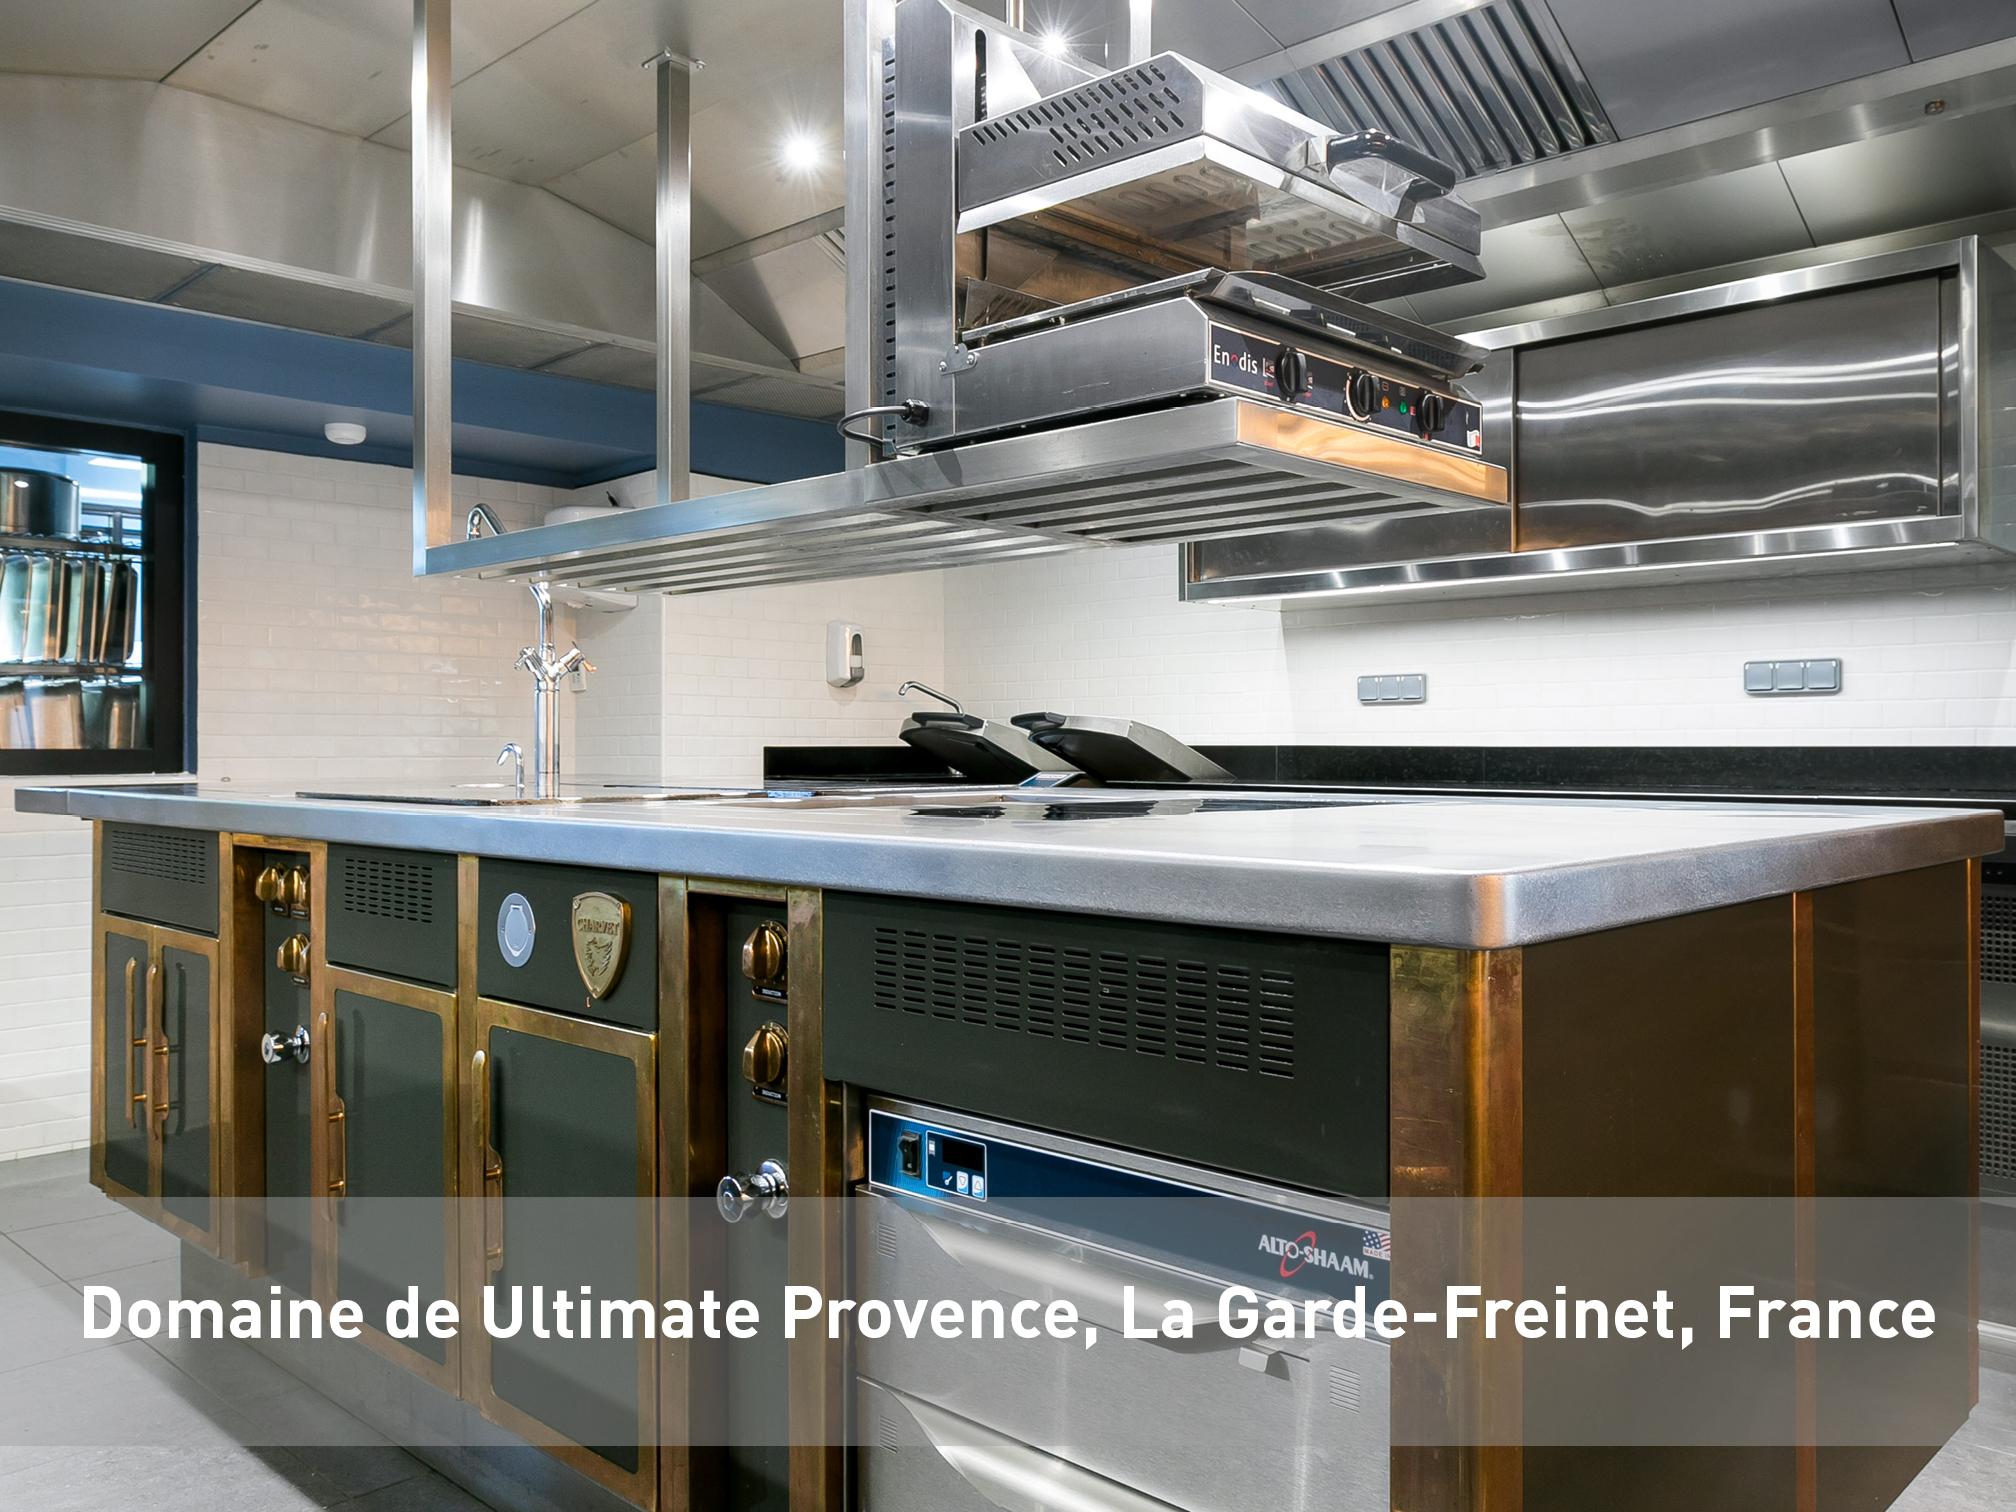 Domaine-de-ultimate-Charvet-2